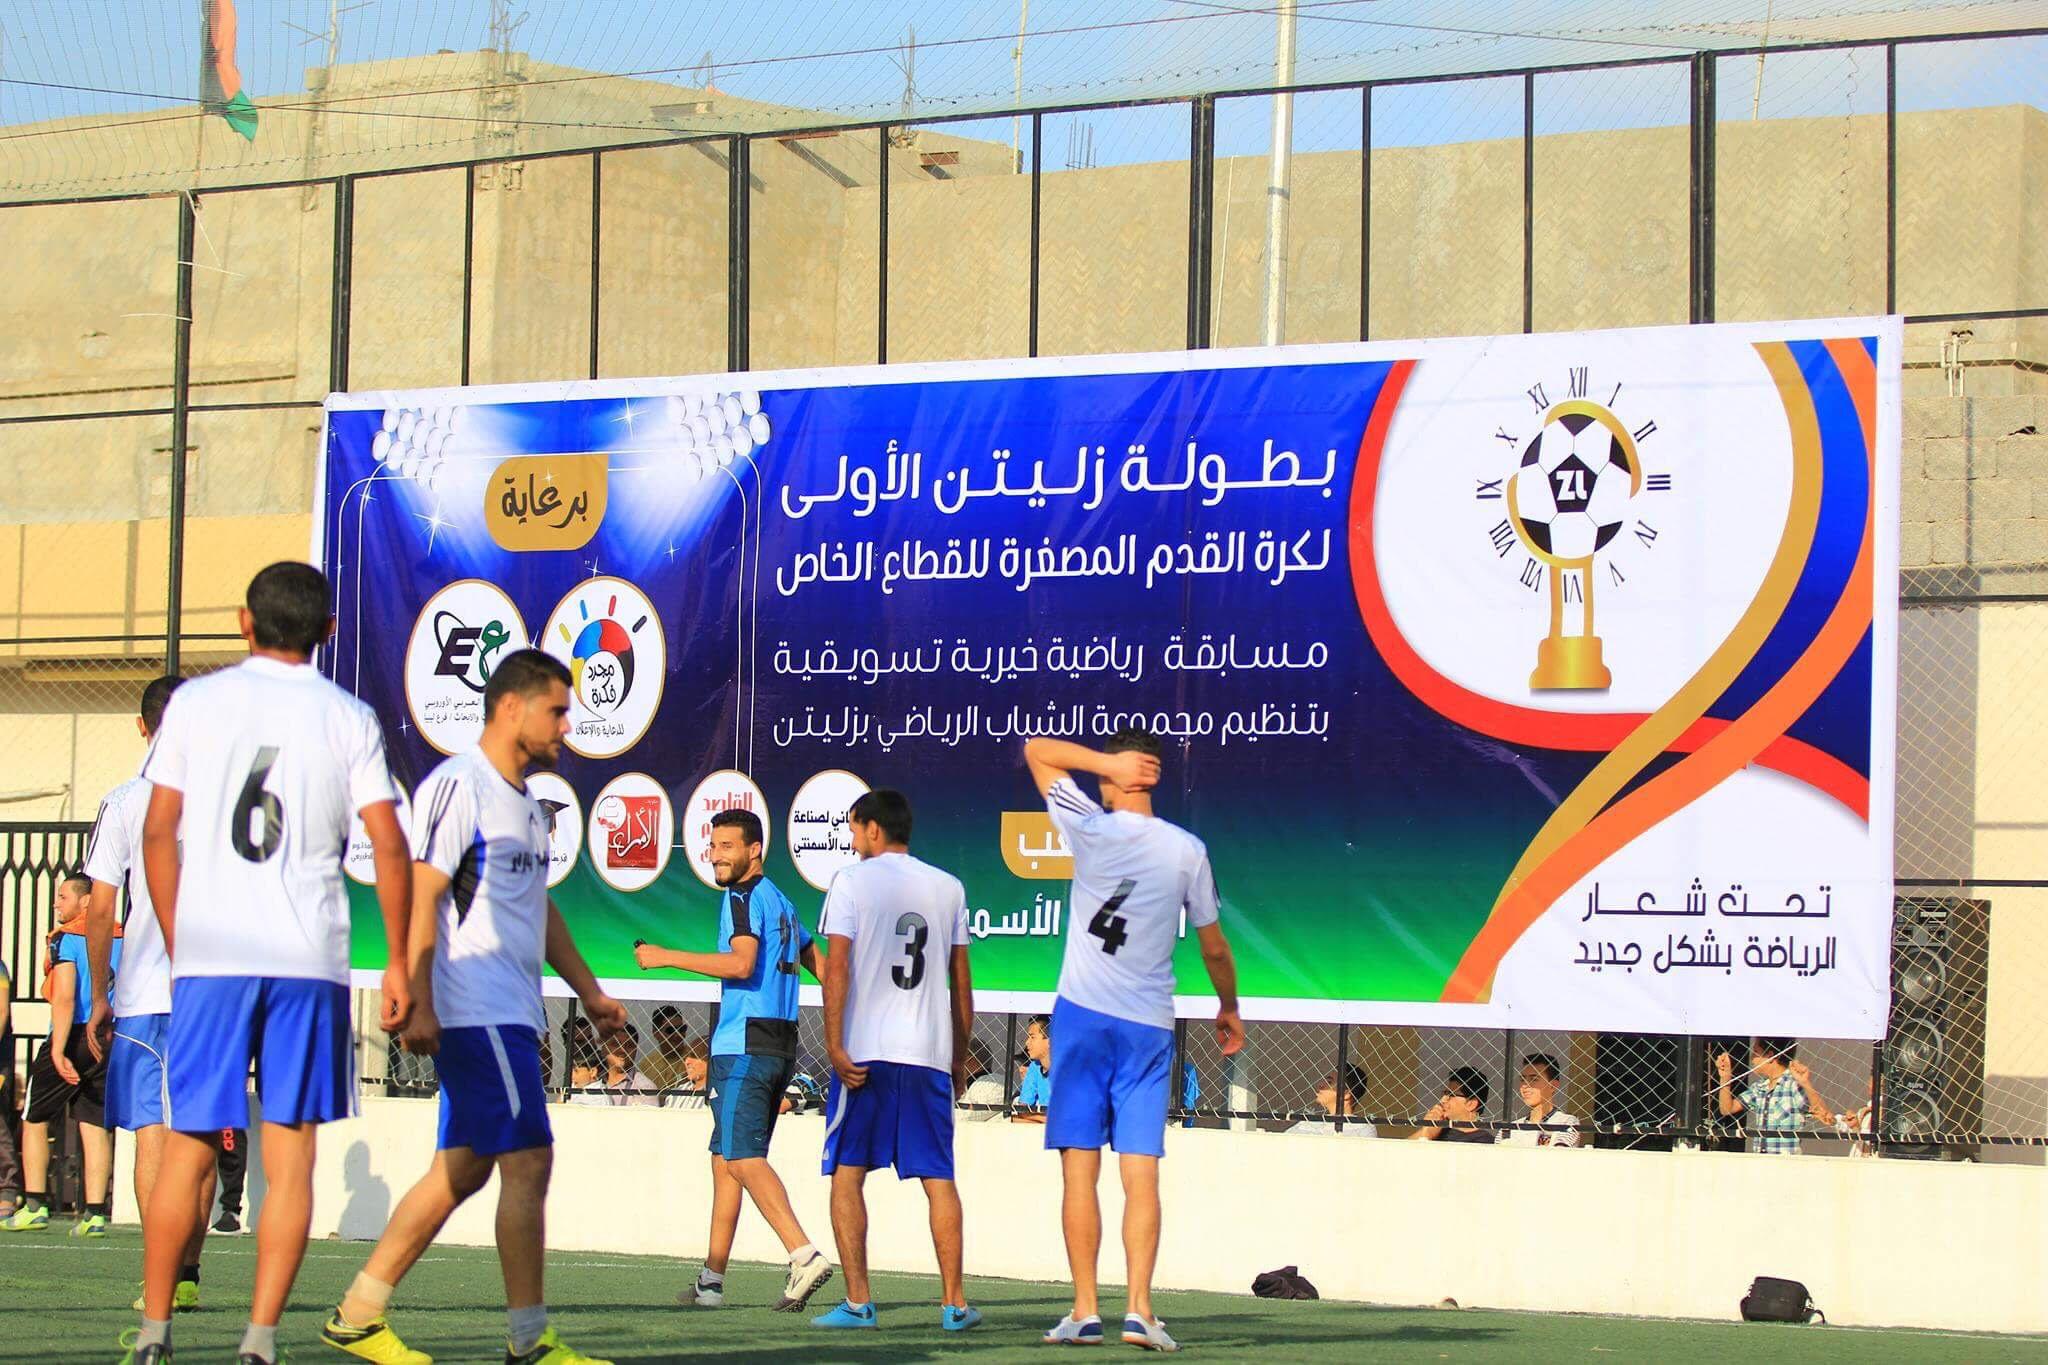 بطولة رمضان لكرة القدم المُصغرة